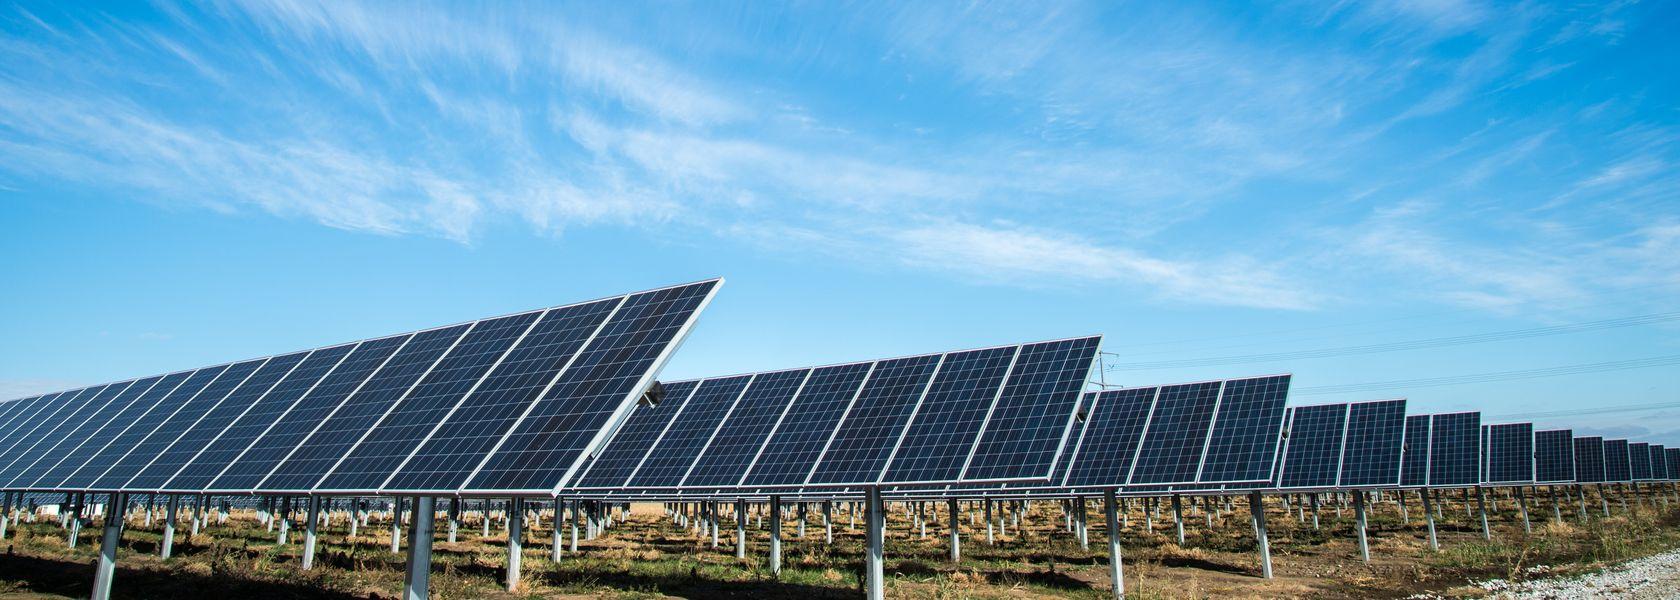 Eni closes Katherine solar farm acquisition - Energy News